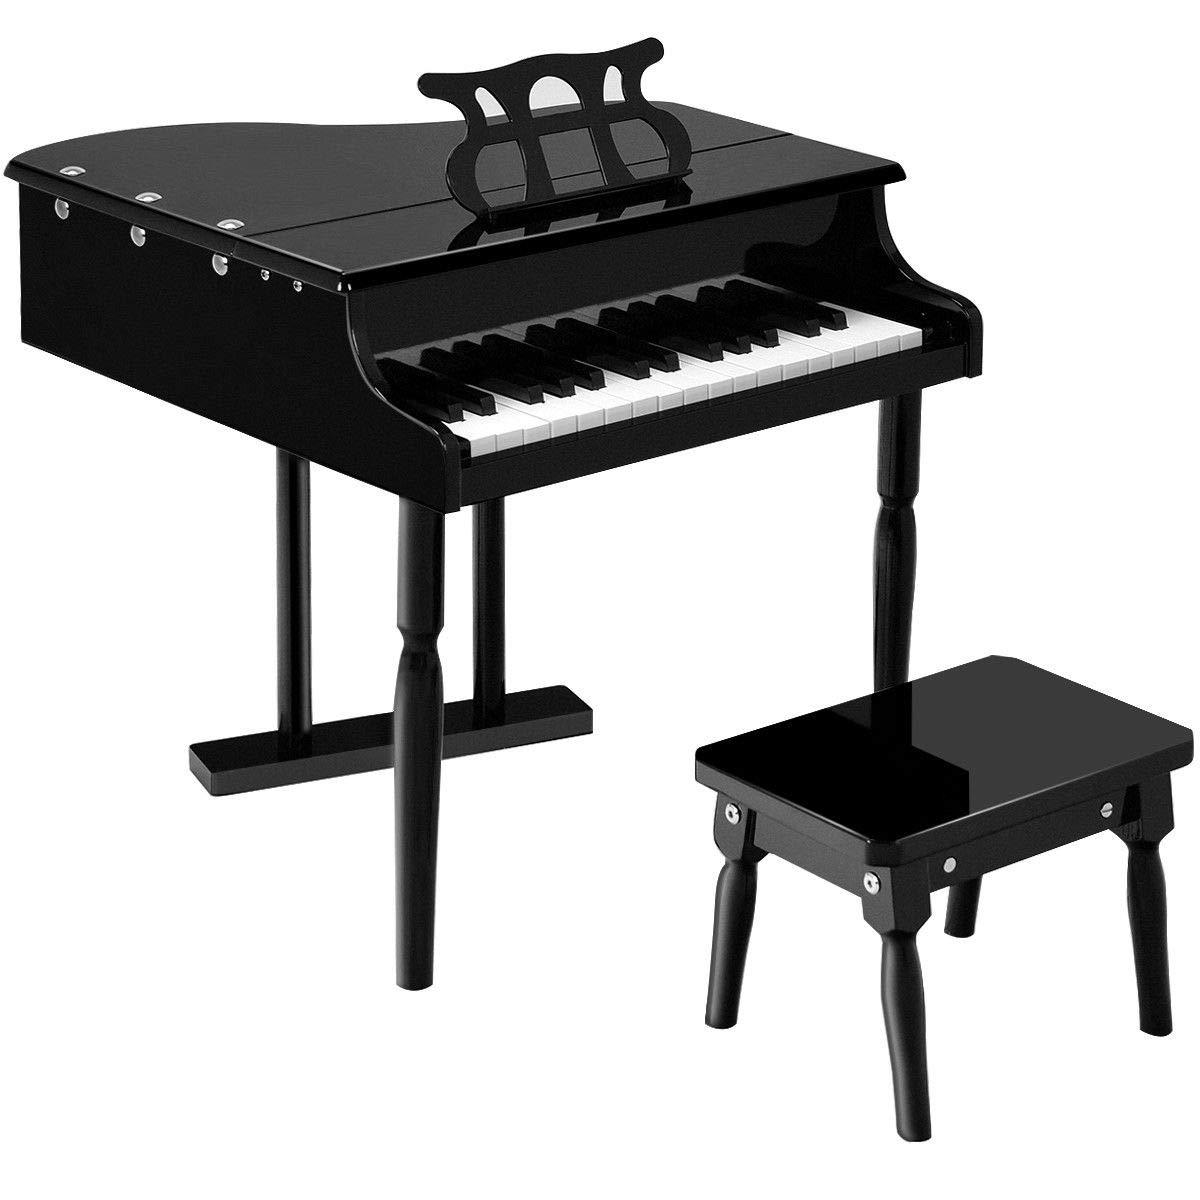 【誠実】 KCHEX>子供用30キートイ グランドベイビーピアノ 子供用 ベンチウッドブラック これは当社の美しい30キー木製グランドピアノで B07HKXP39Y、幼児と子供に最適です。 子供用 B07HKXP39Y, 嘉島町:7840c650 --- a0267596.xsph.ru